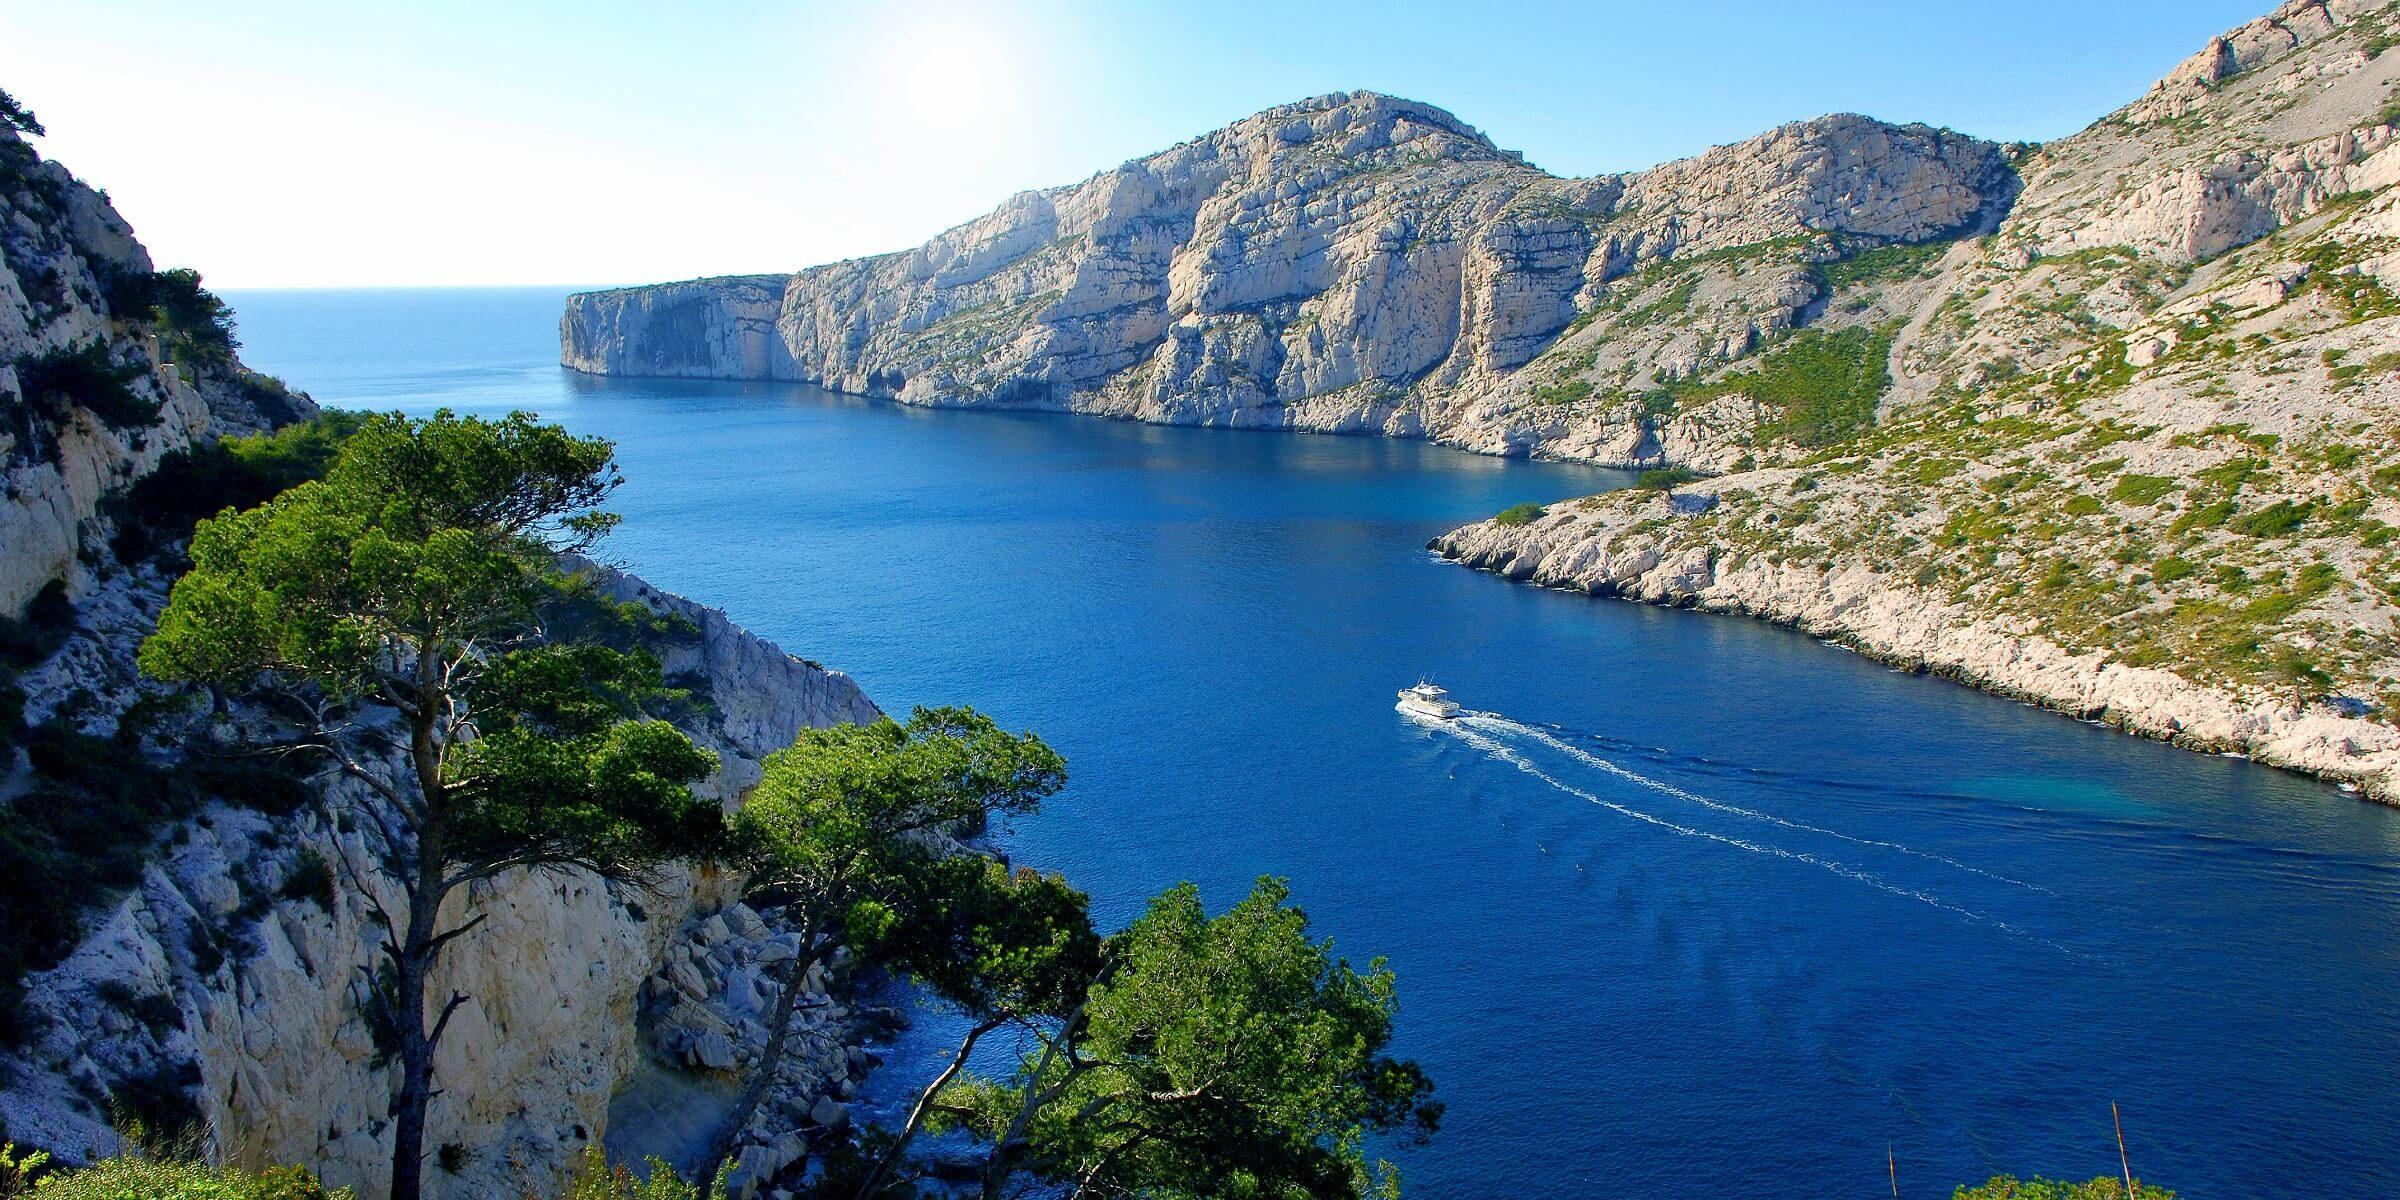 Sie werden auf Ihrer Reise nach Südfrankreich die Calanque bei Marseille anschauen